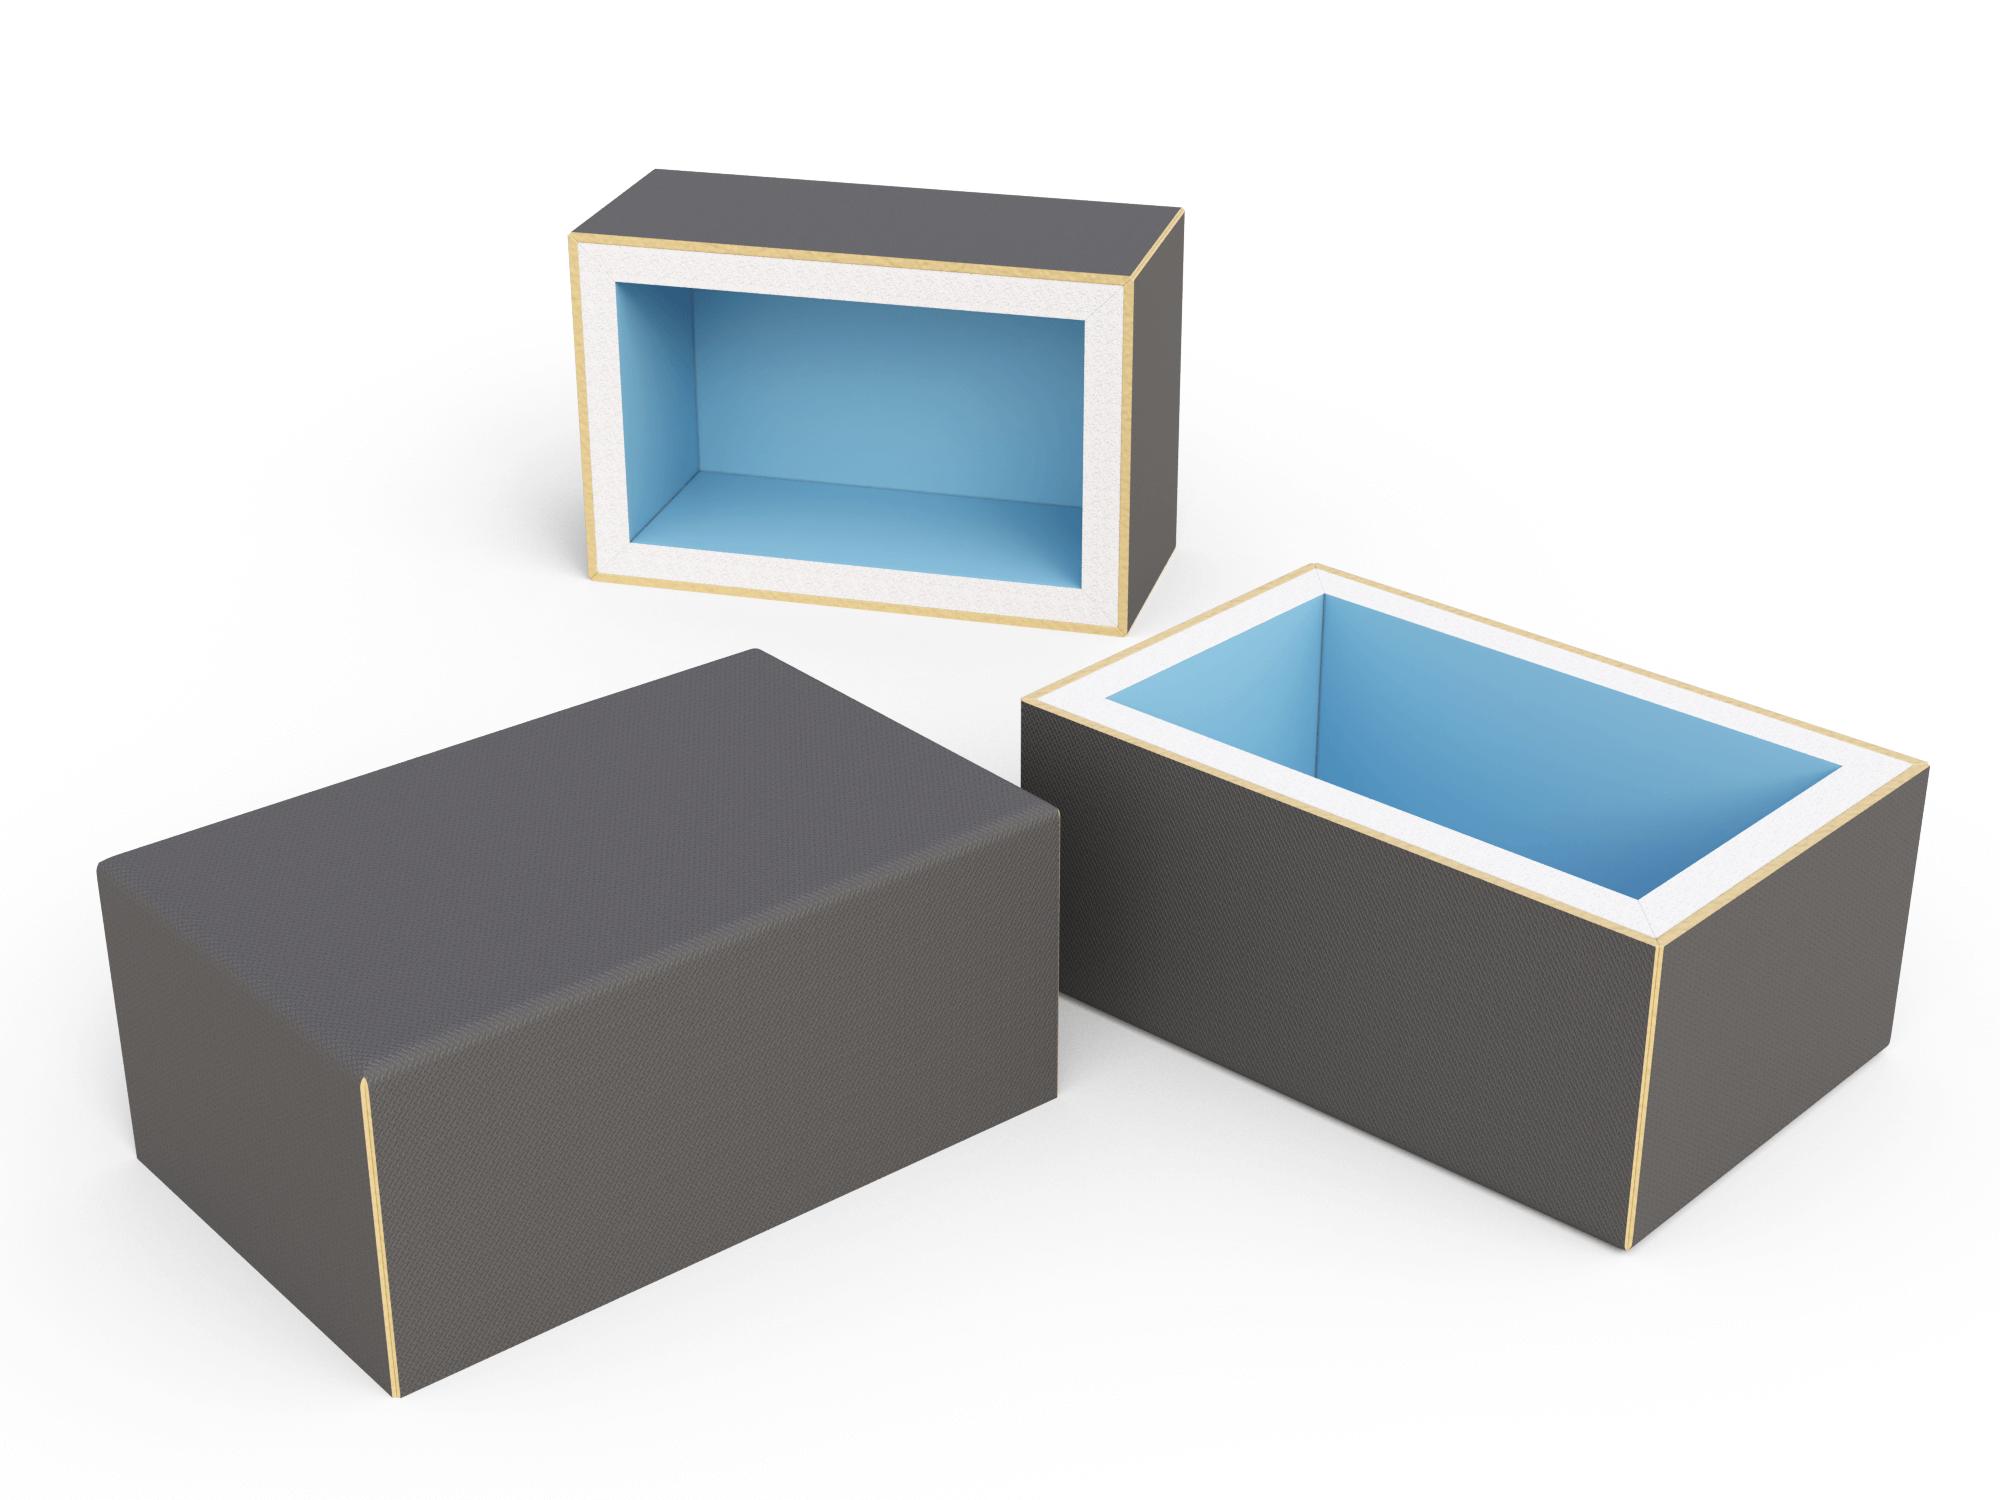 Купить короб Standartish LightBOX2 оптом в Санкт-Петербурге от производителя, производство